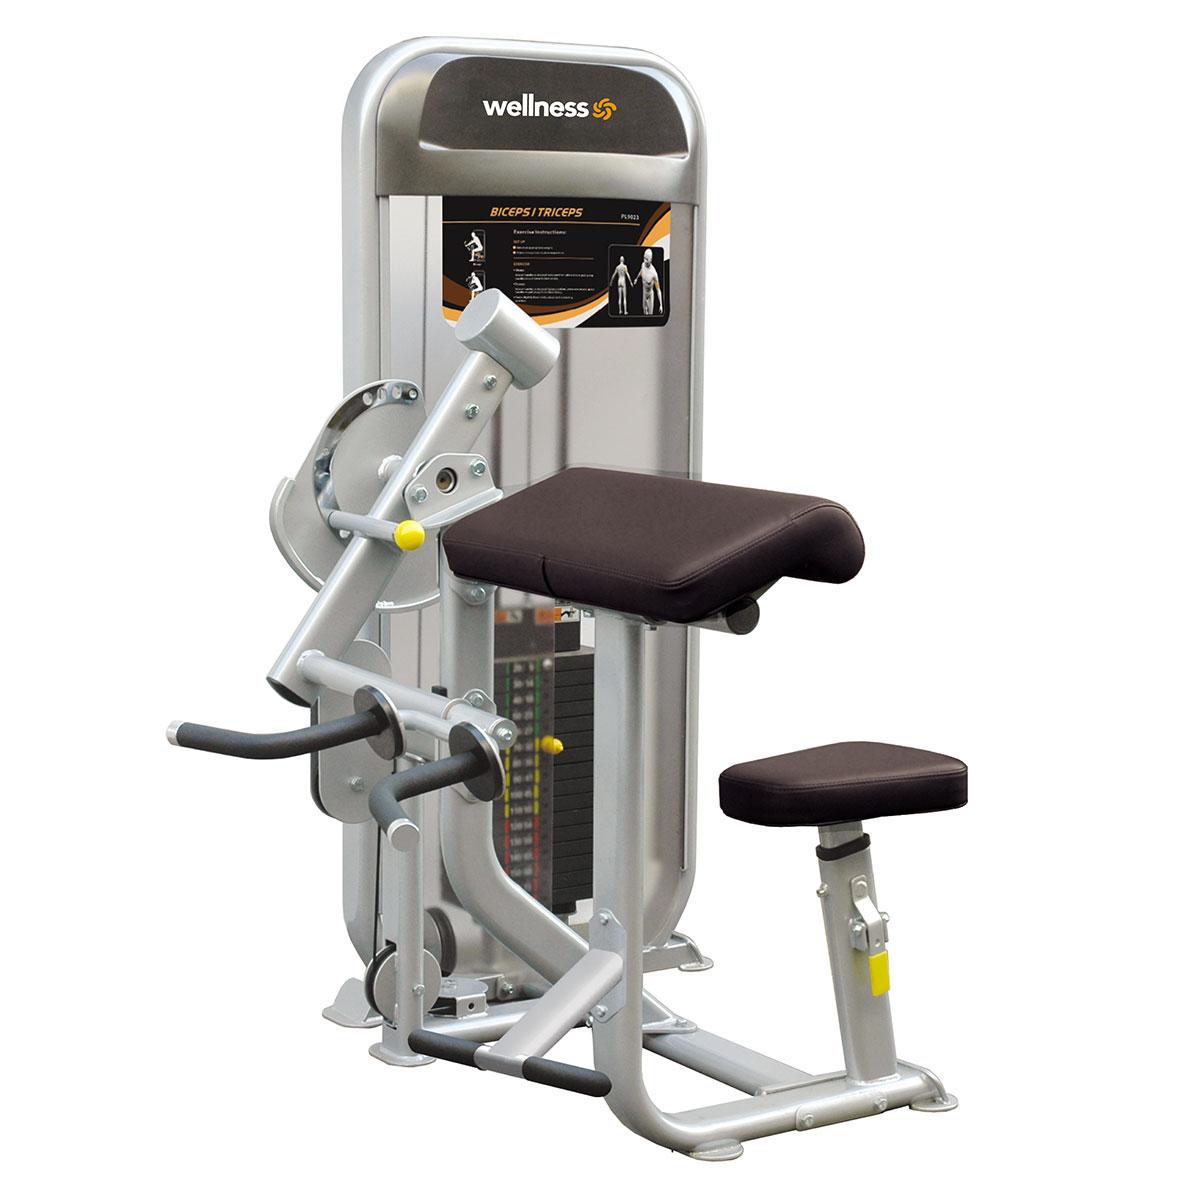 Biceps Triceps Plamax Dual Series Wellness